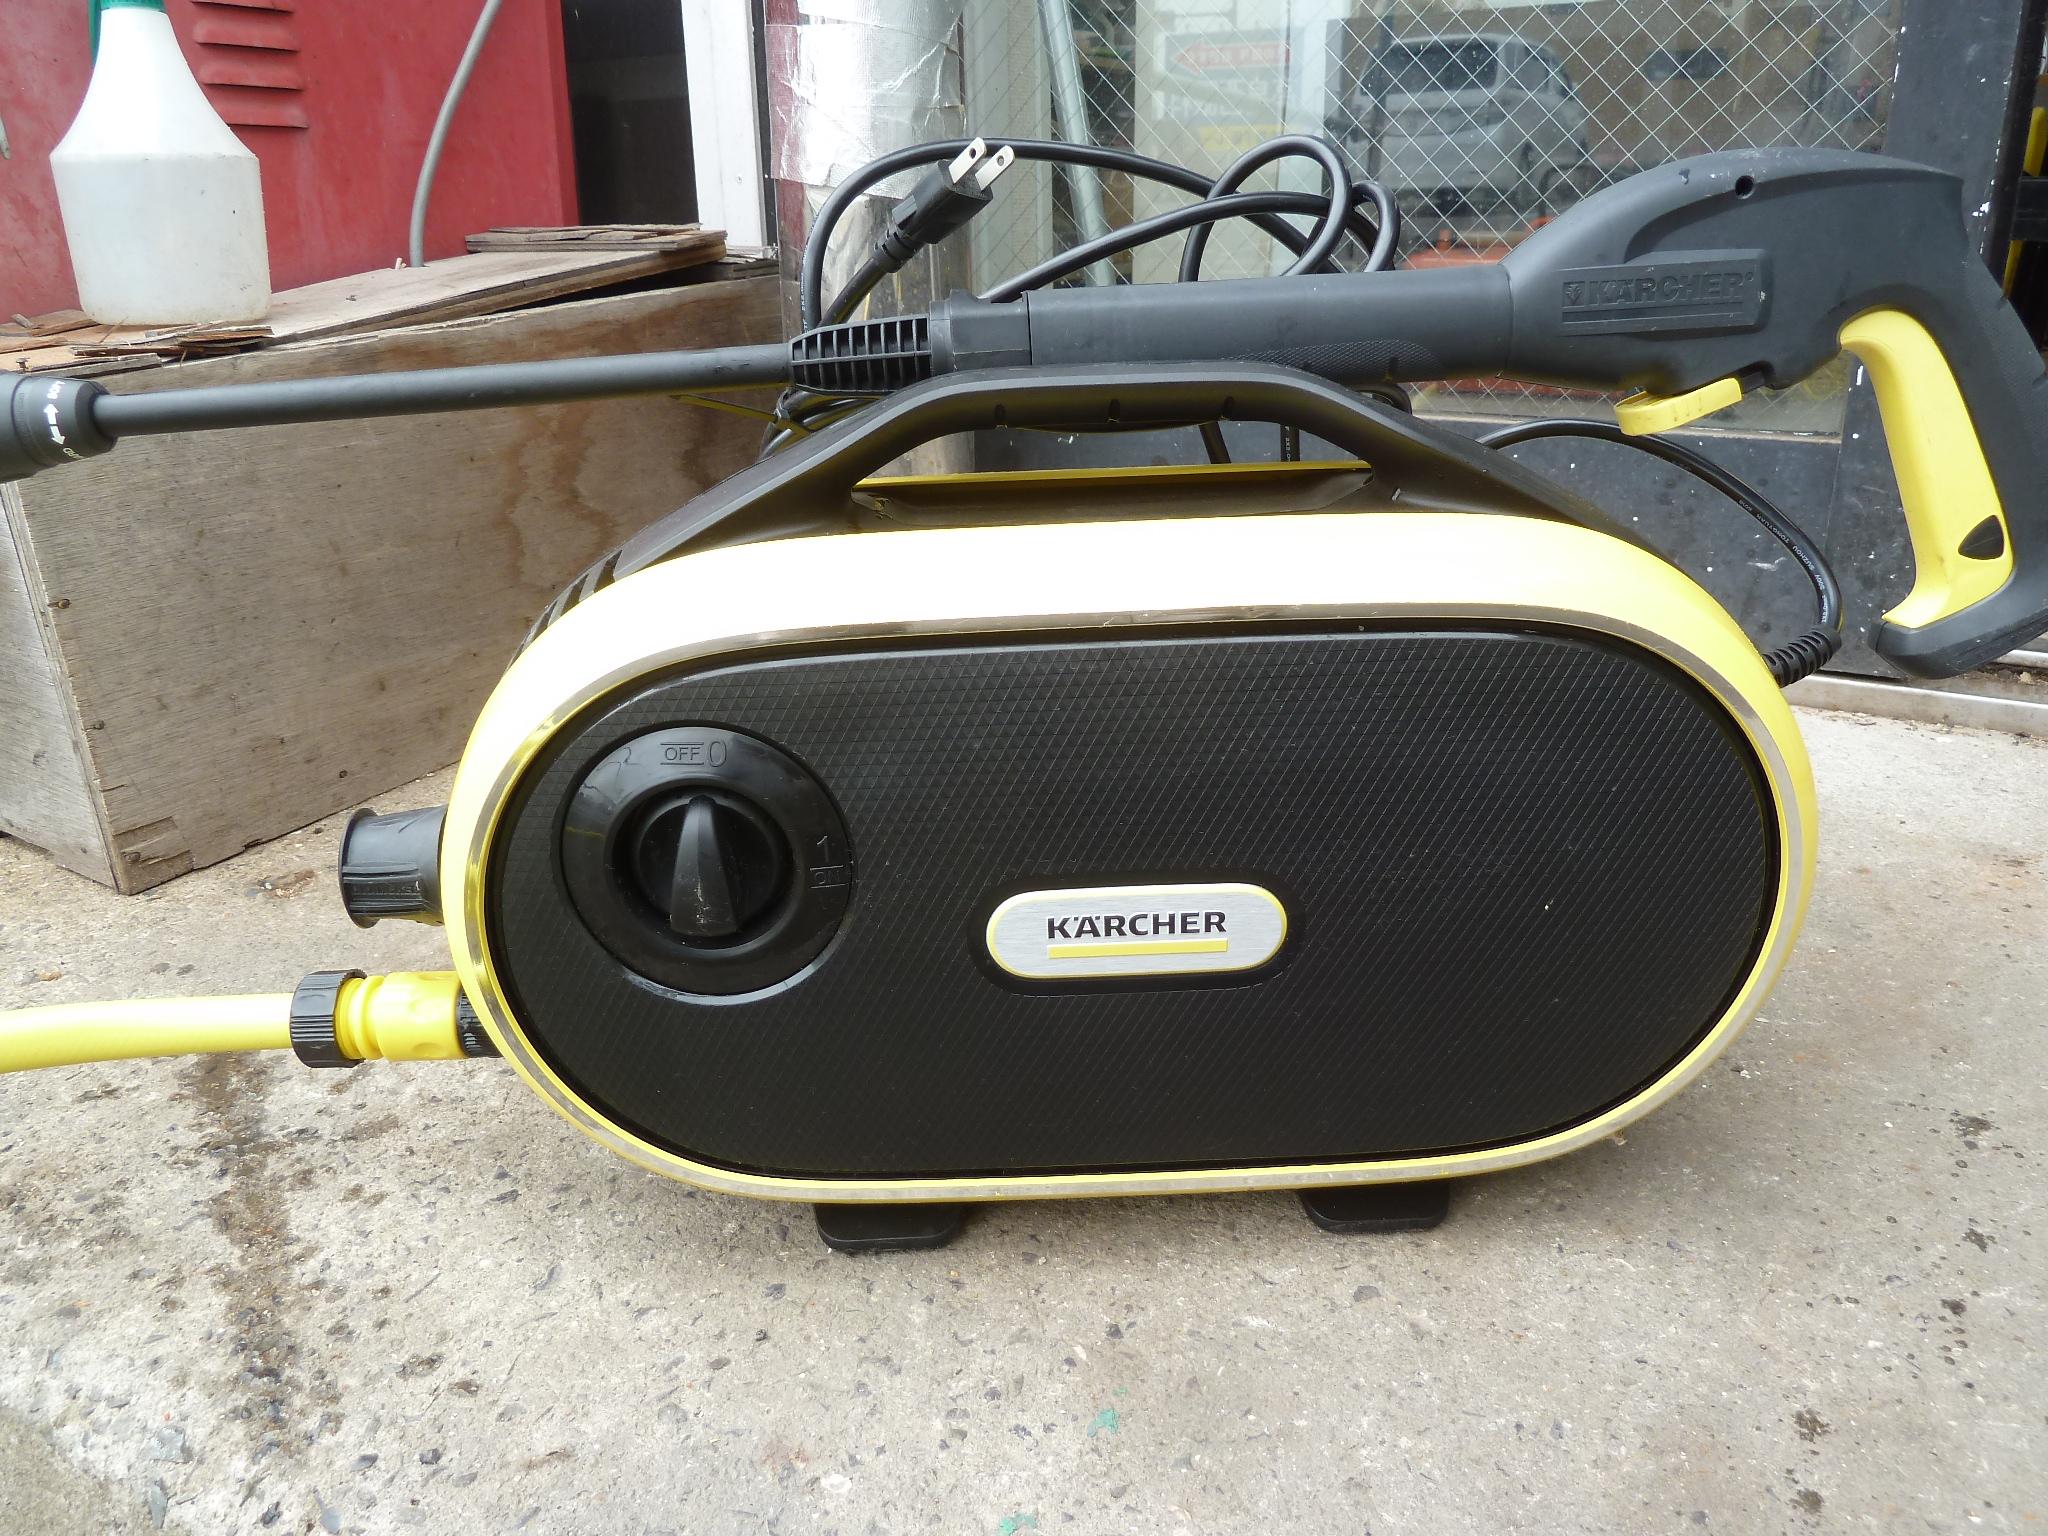 ケルヒャー家庭用高圧洗浄機 JTKサイレント を買い取りしました!岡山店